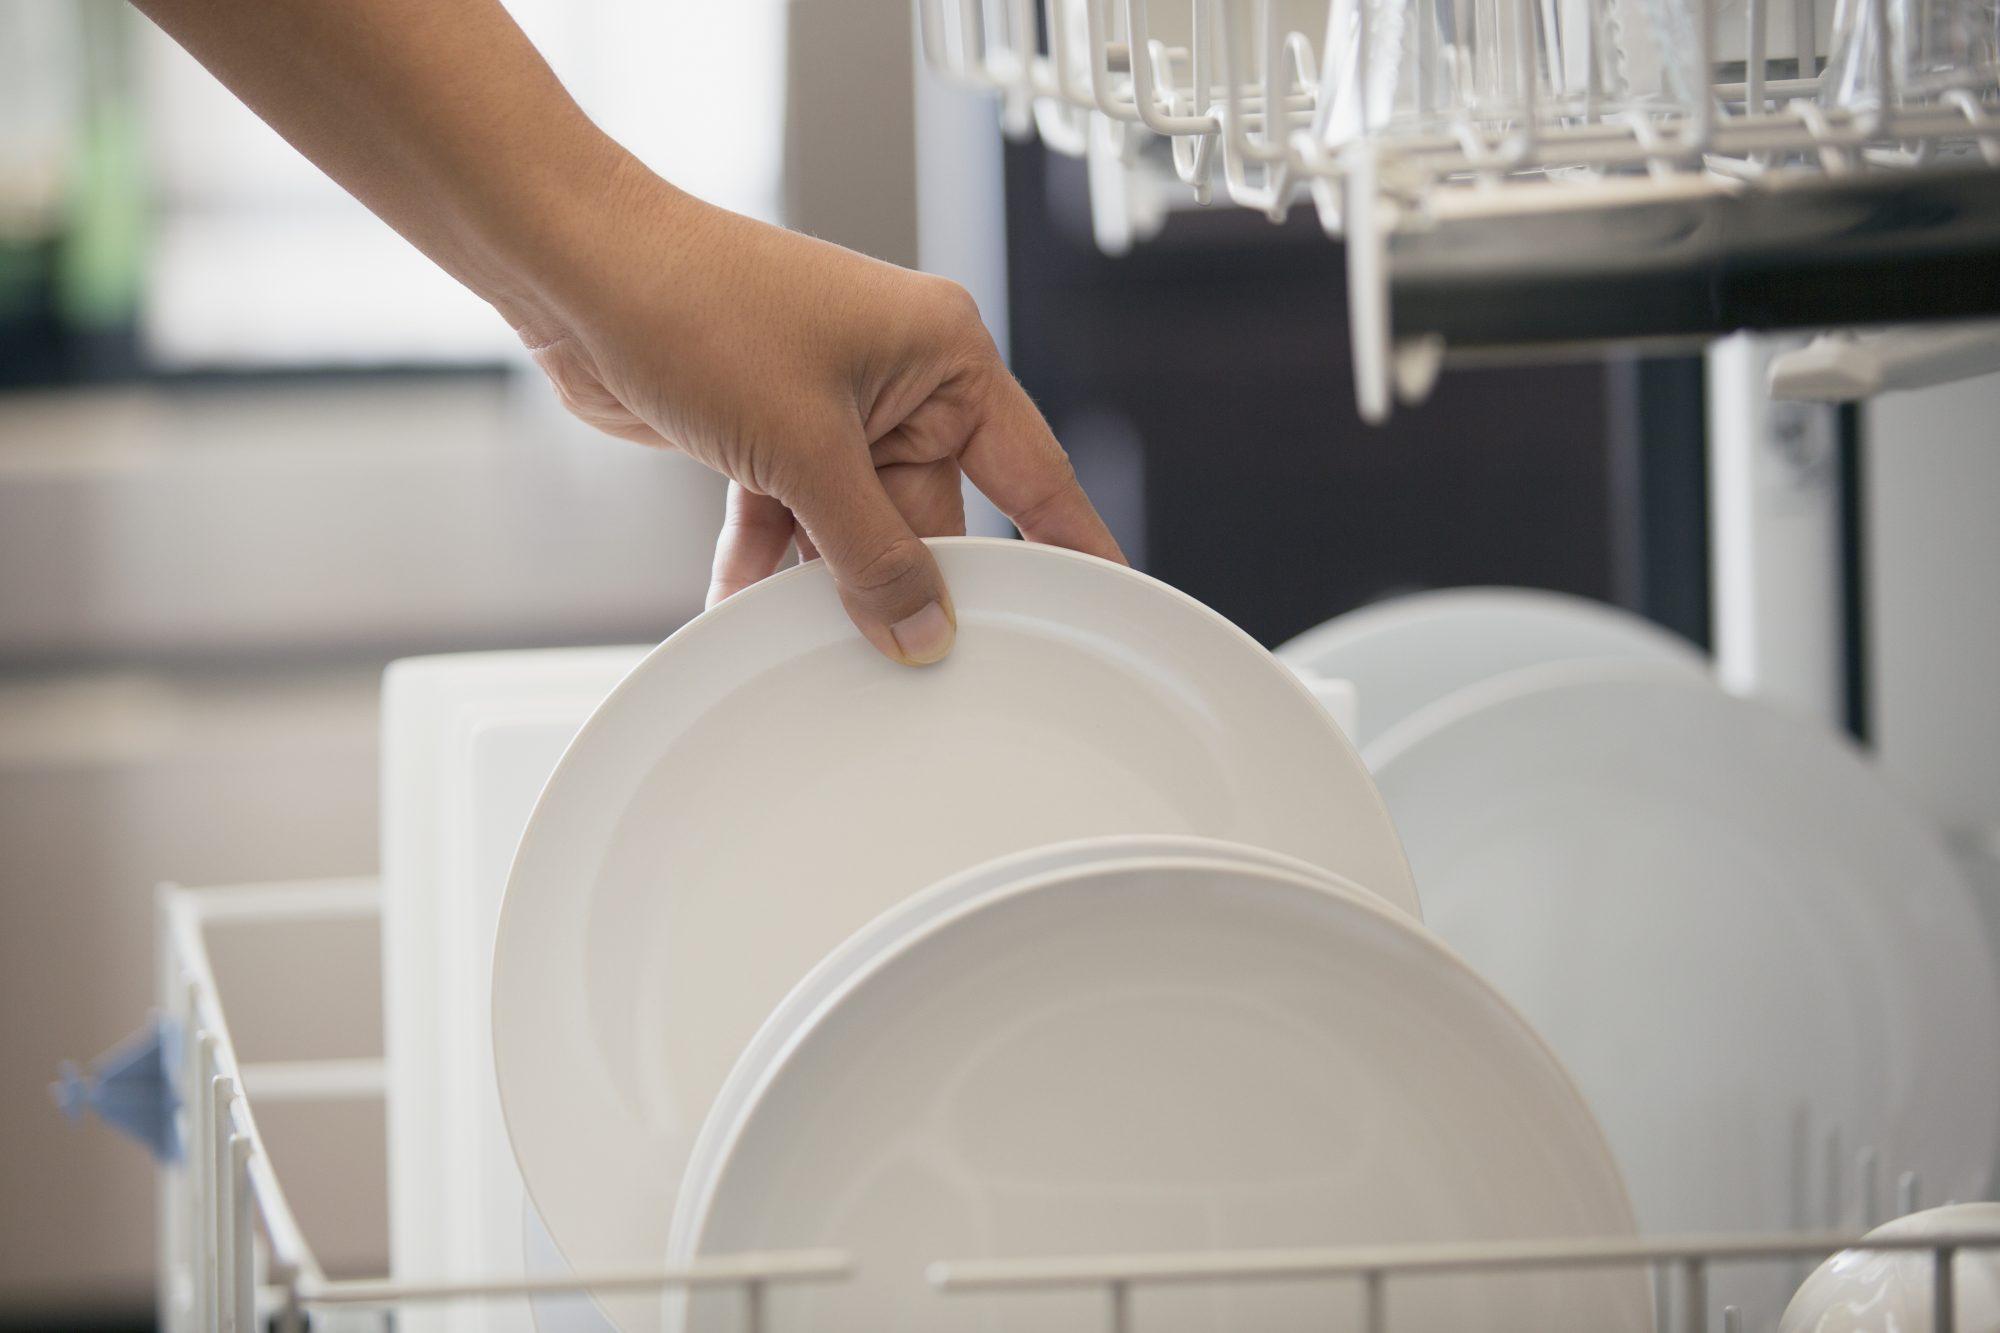 getty dishwasher